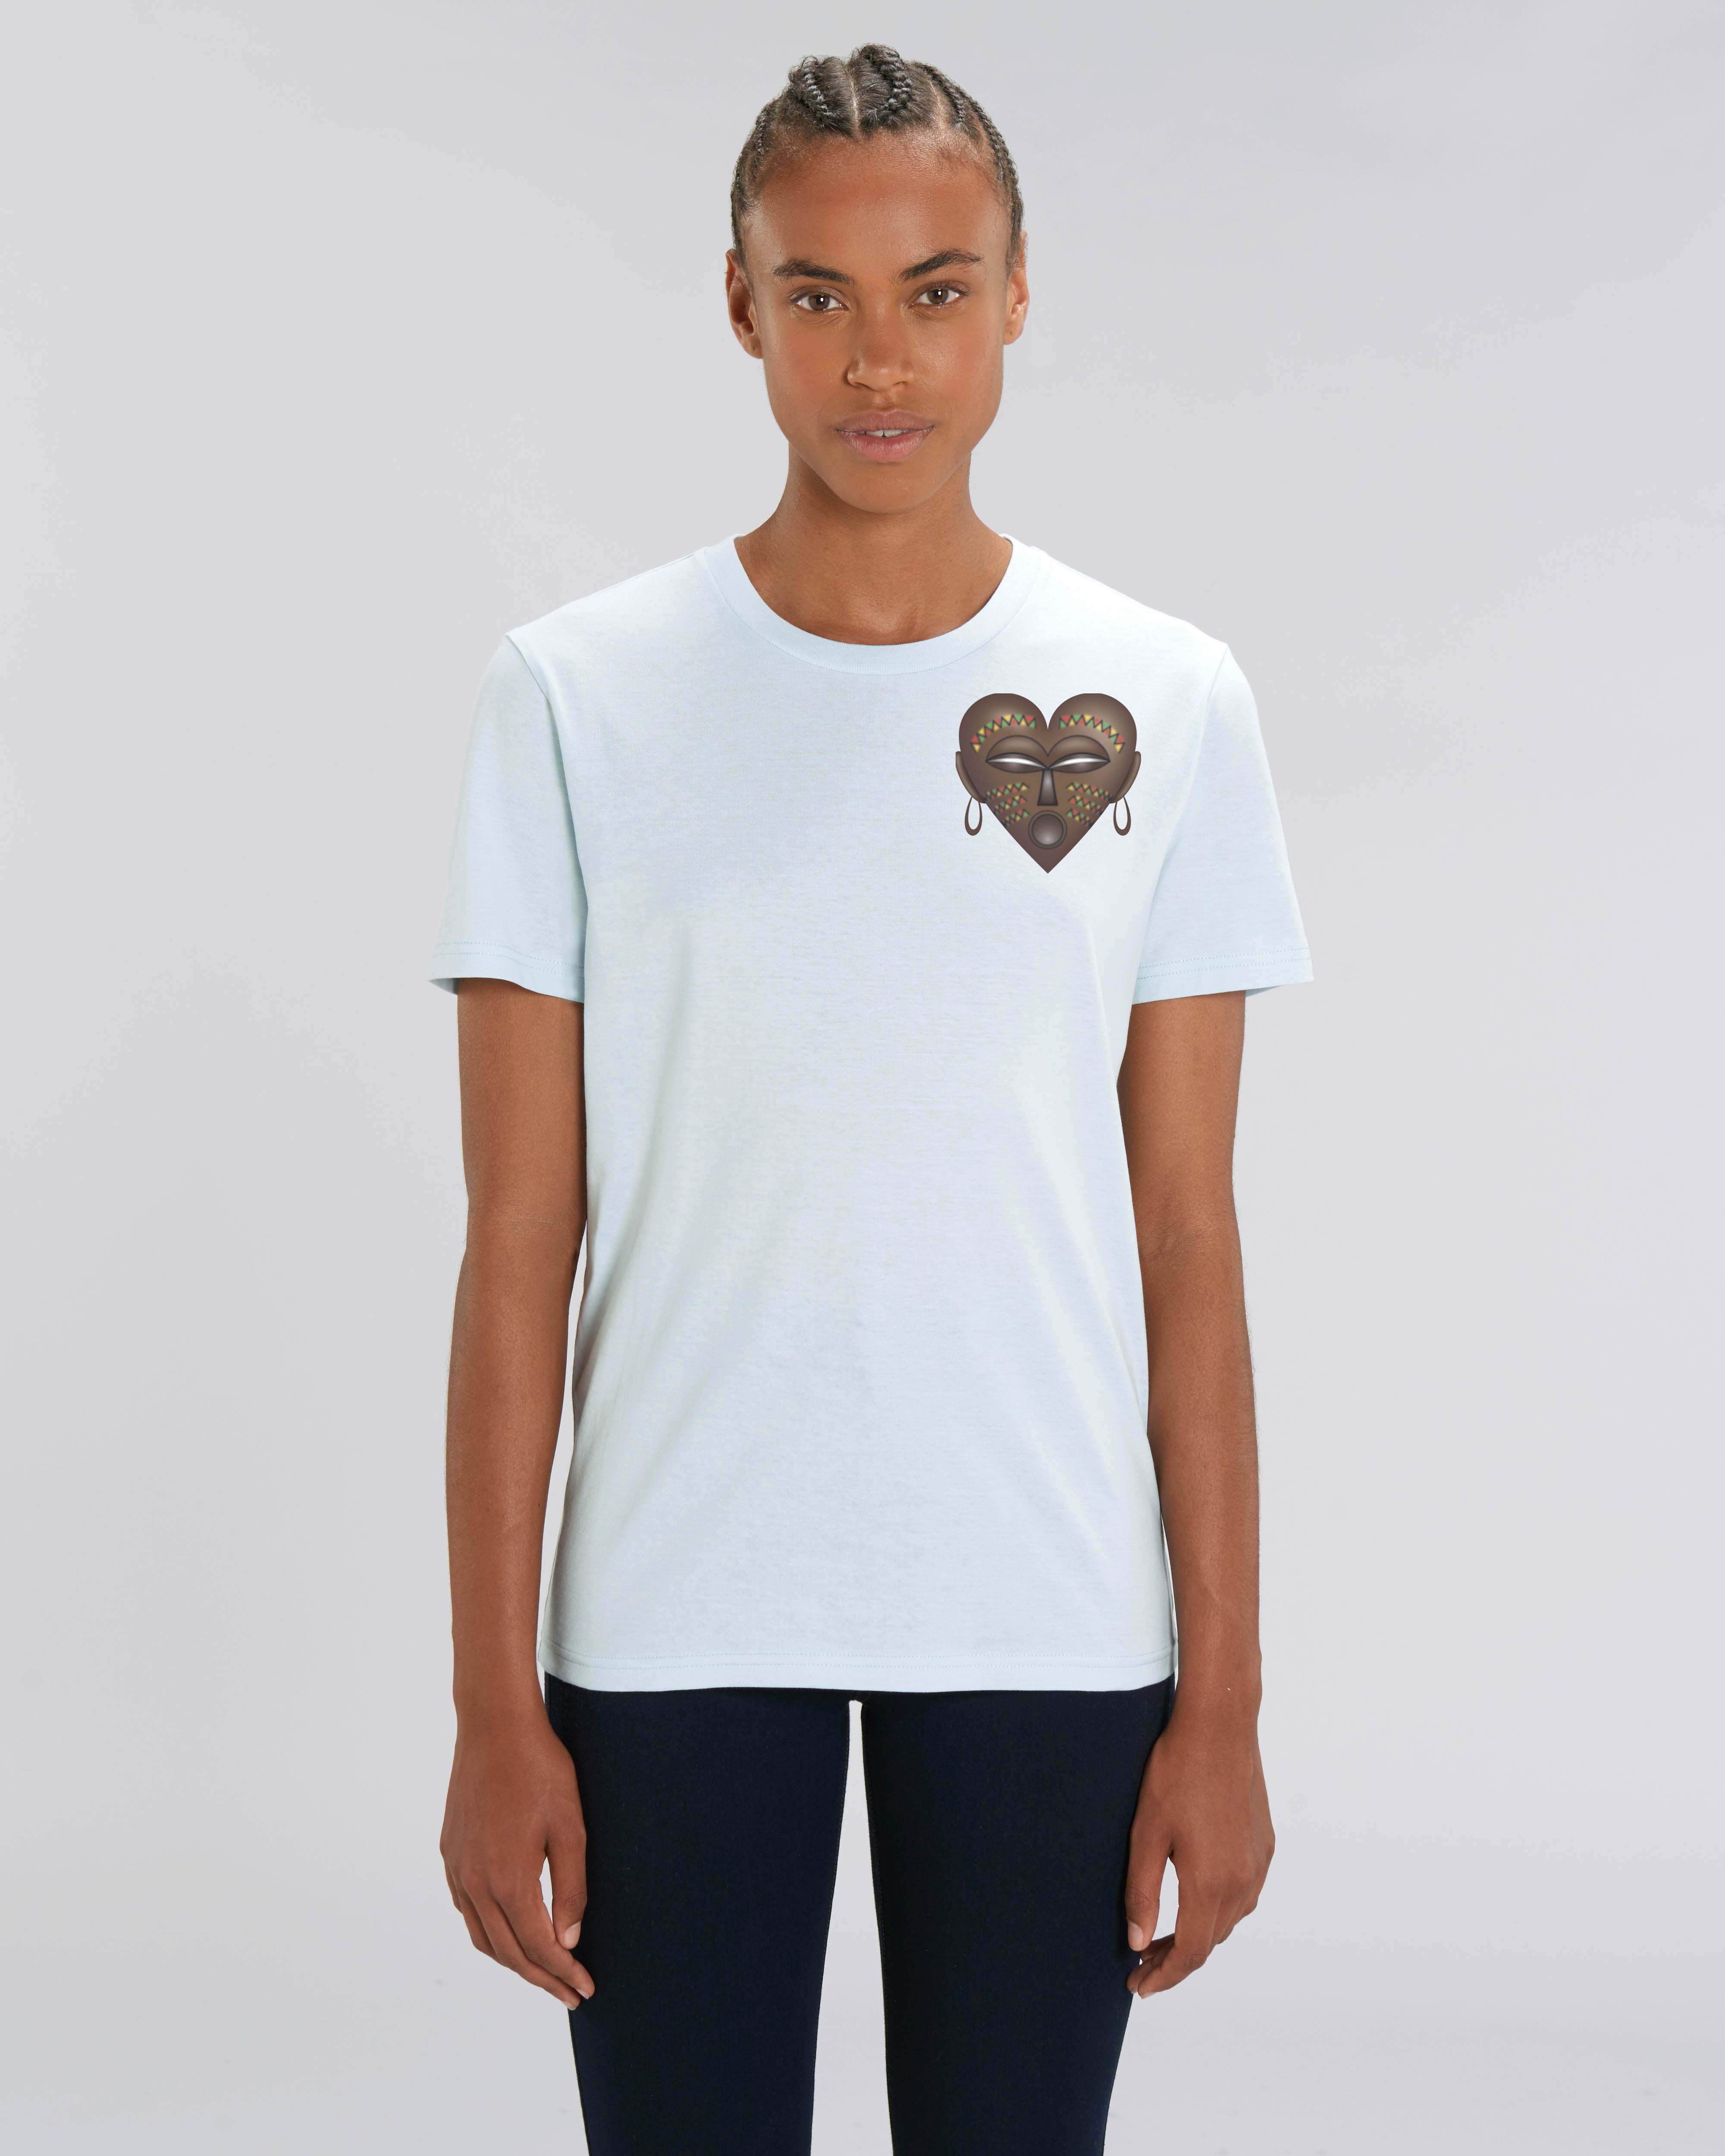 T-Shirt Bio bleu glacier Femme - African tee